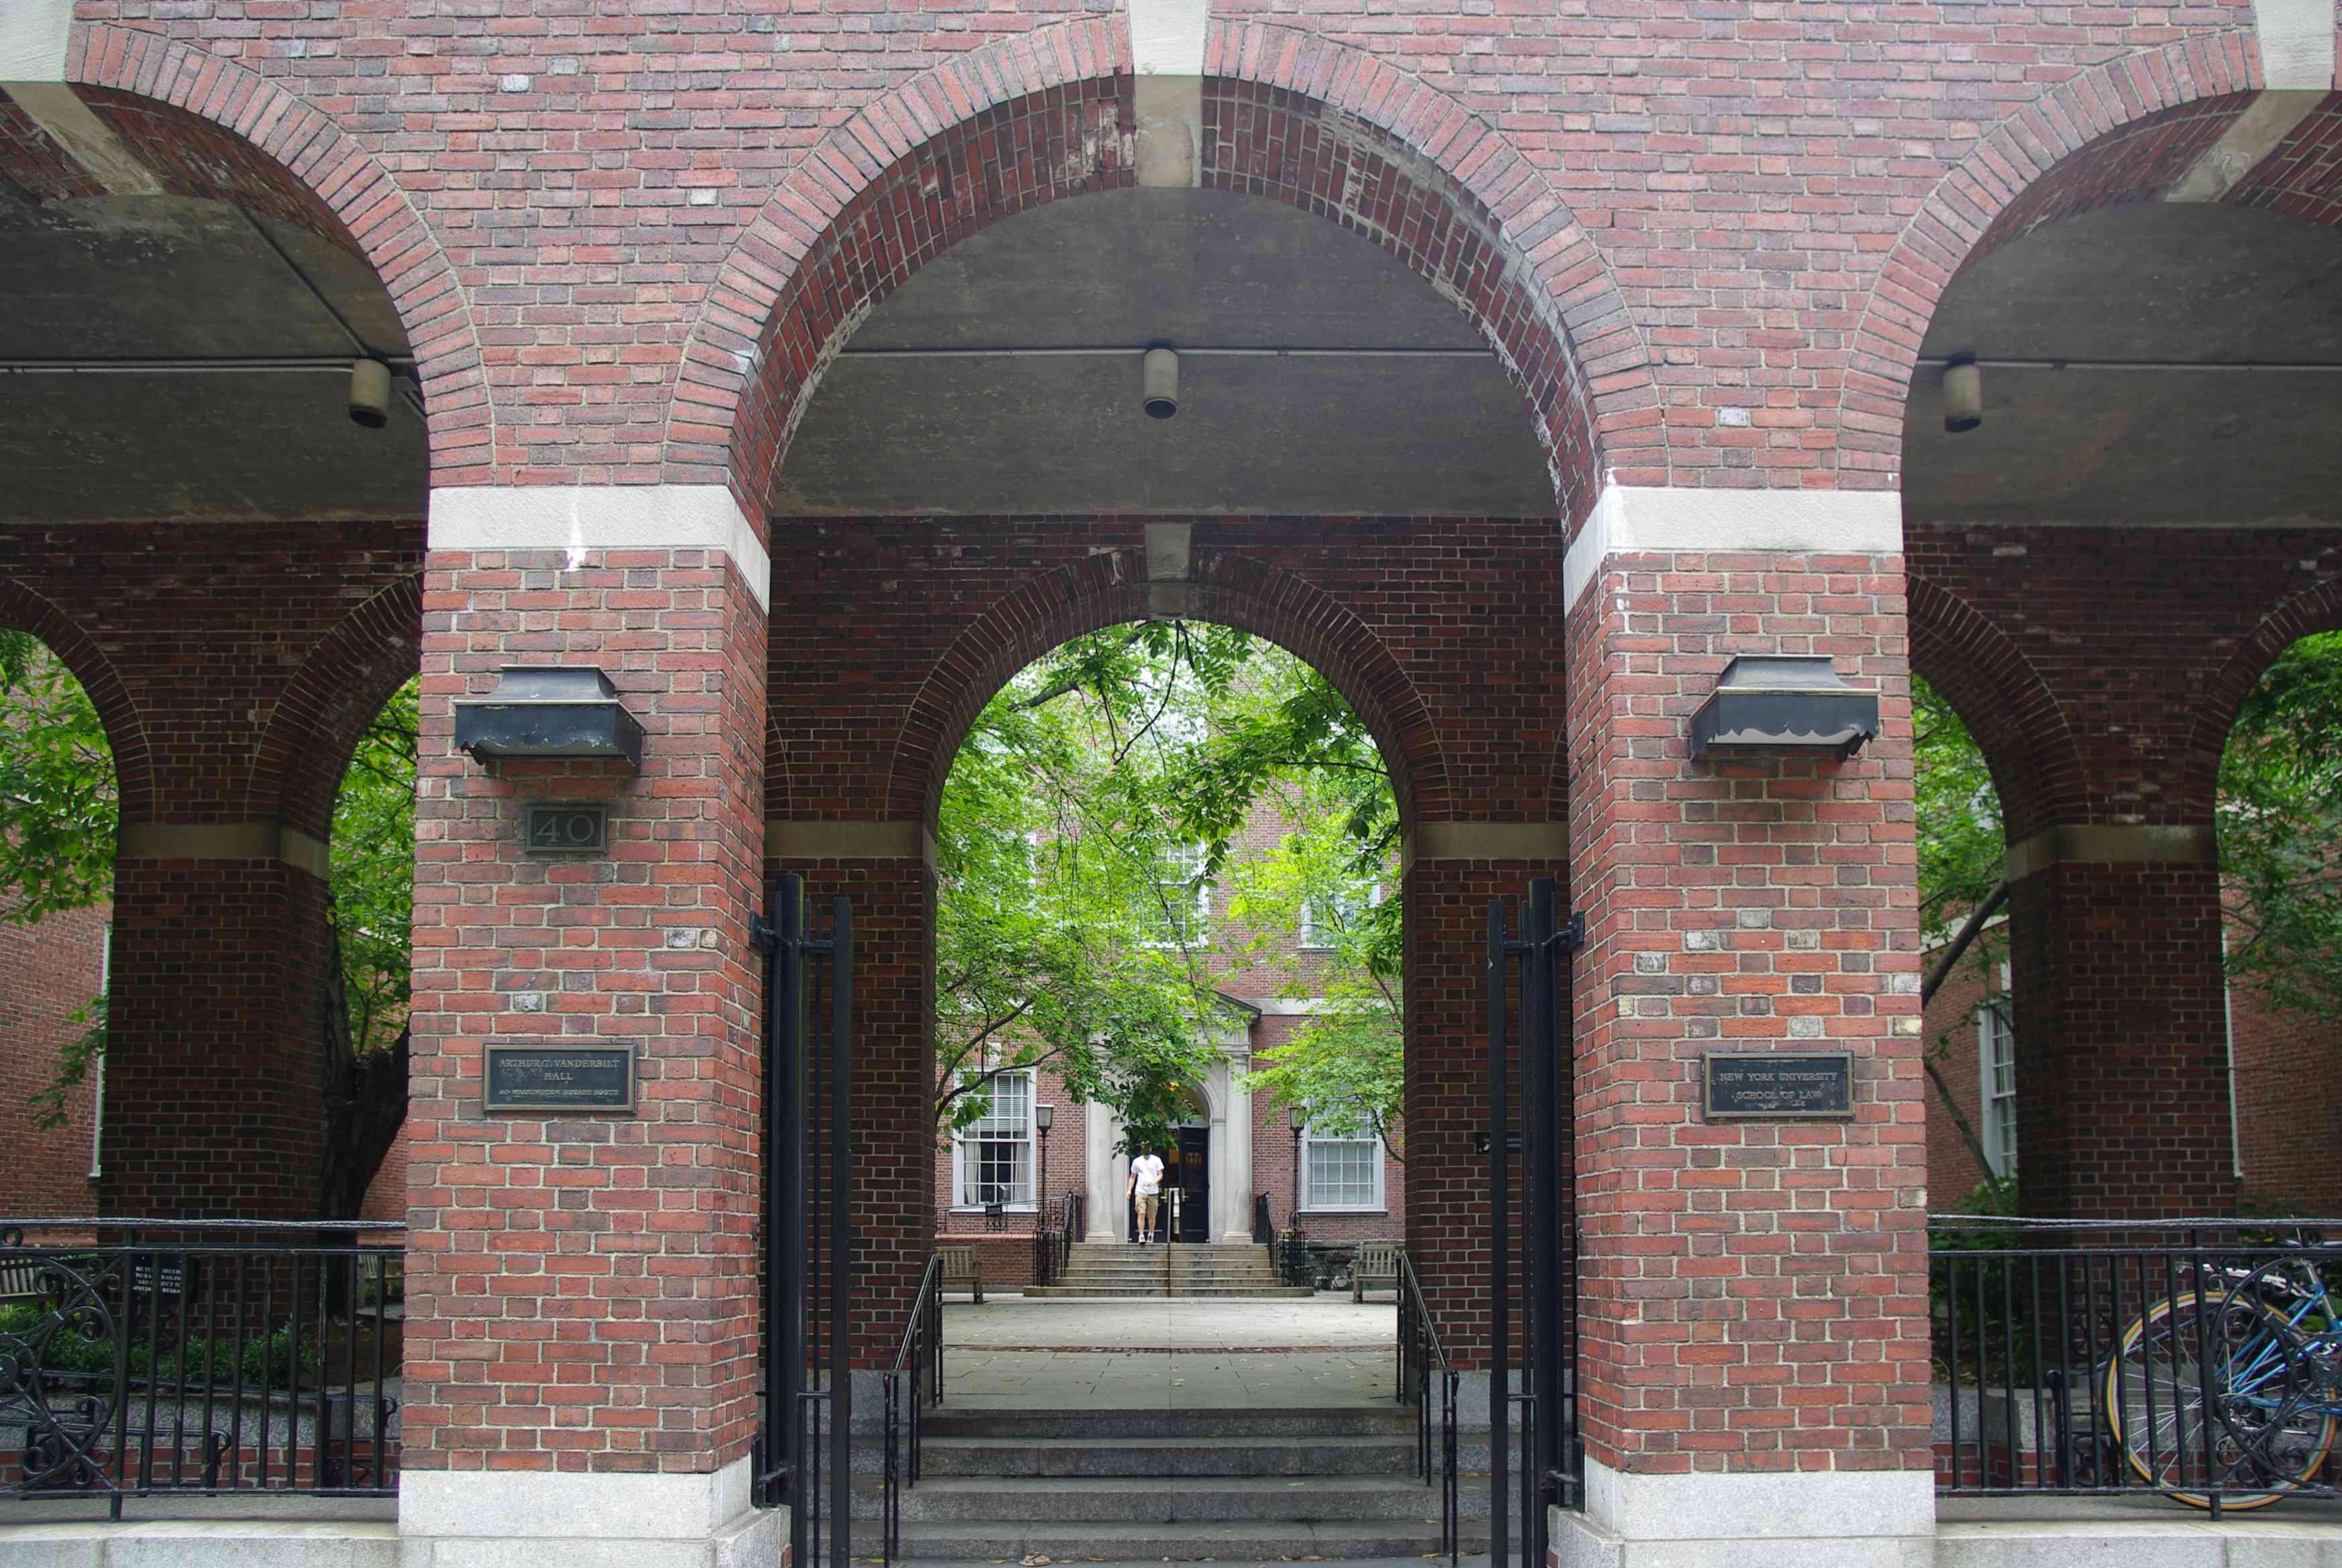 Archway at NYU Law School